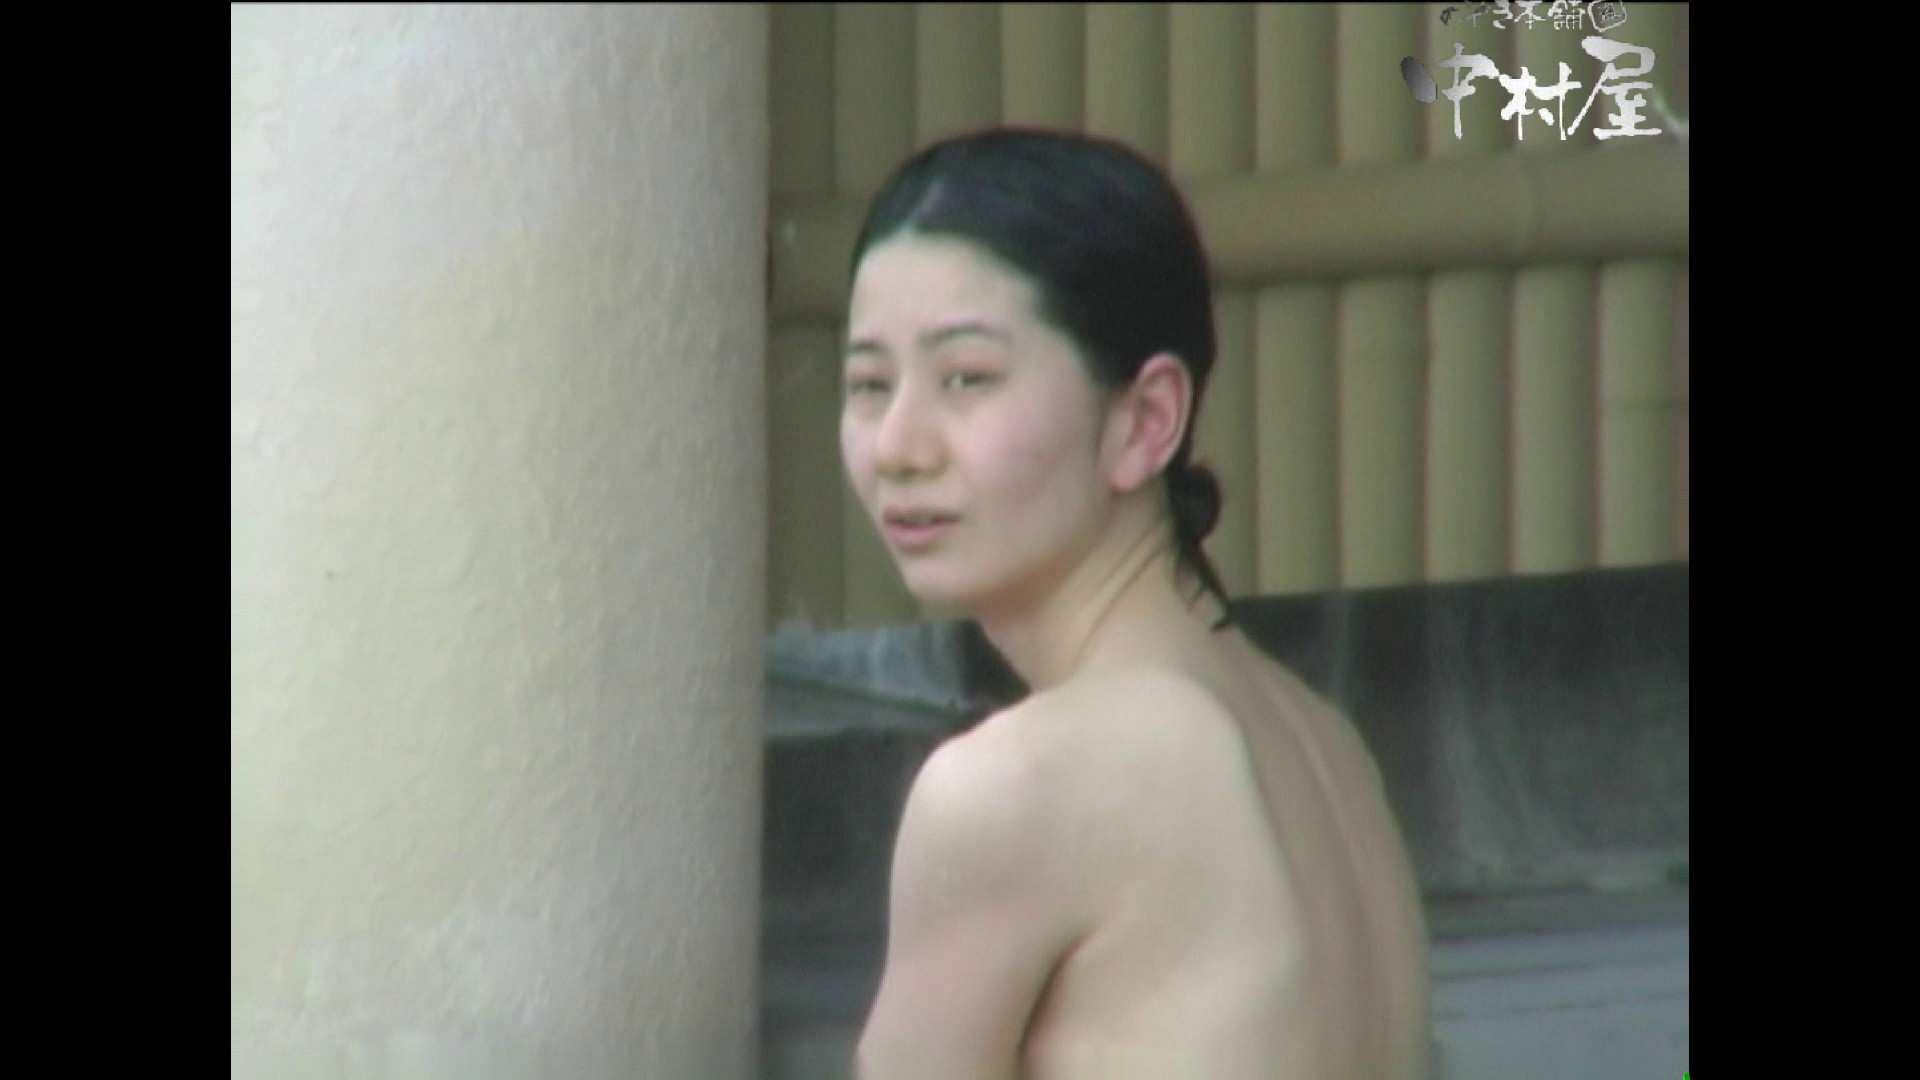 Aquaな露天風呂Vol.980 盗撮シリーズ  83PIX 46